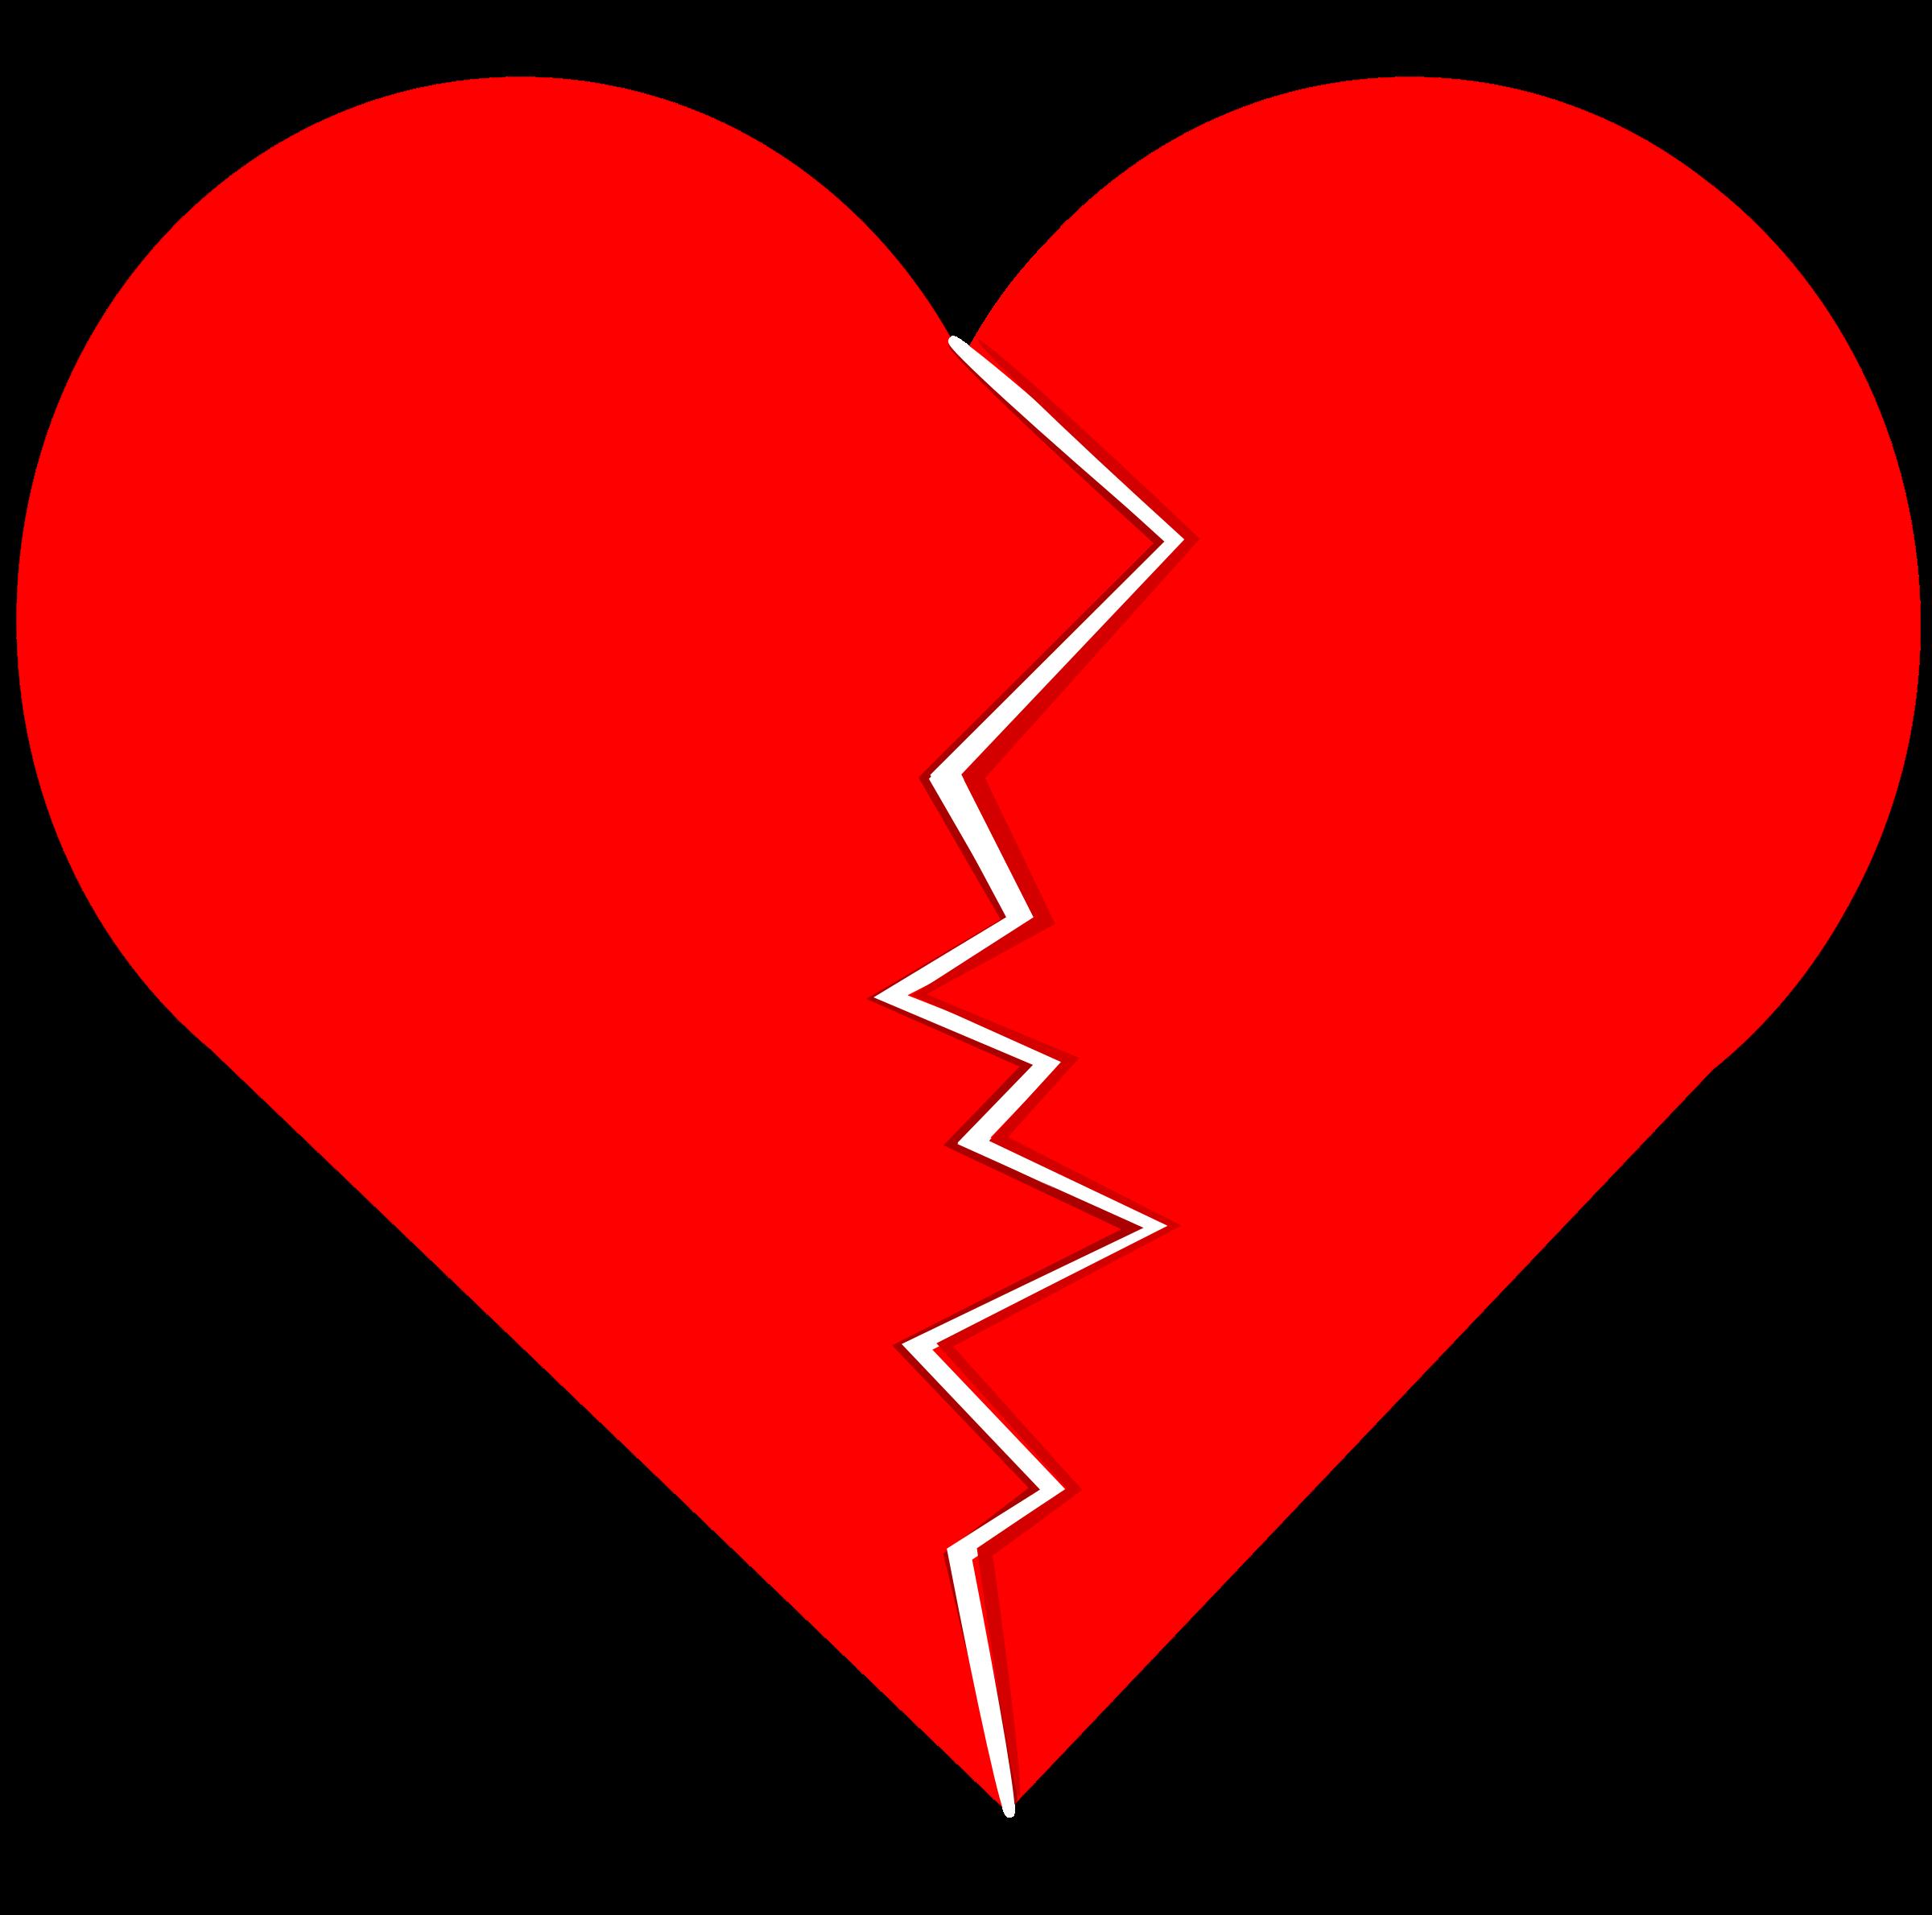 Hearts clipart fire. High resolution broken heart